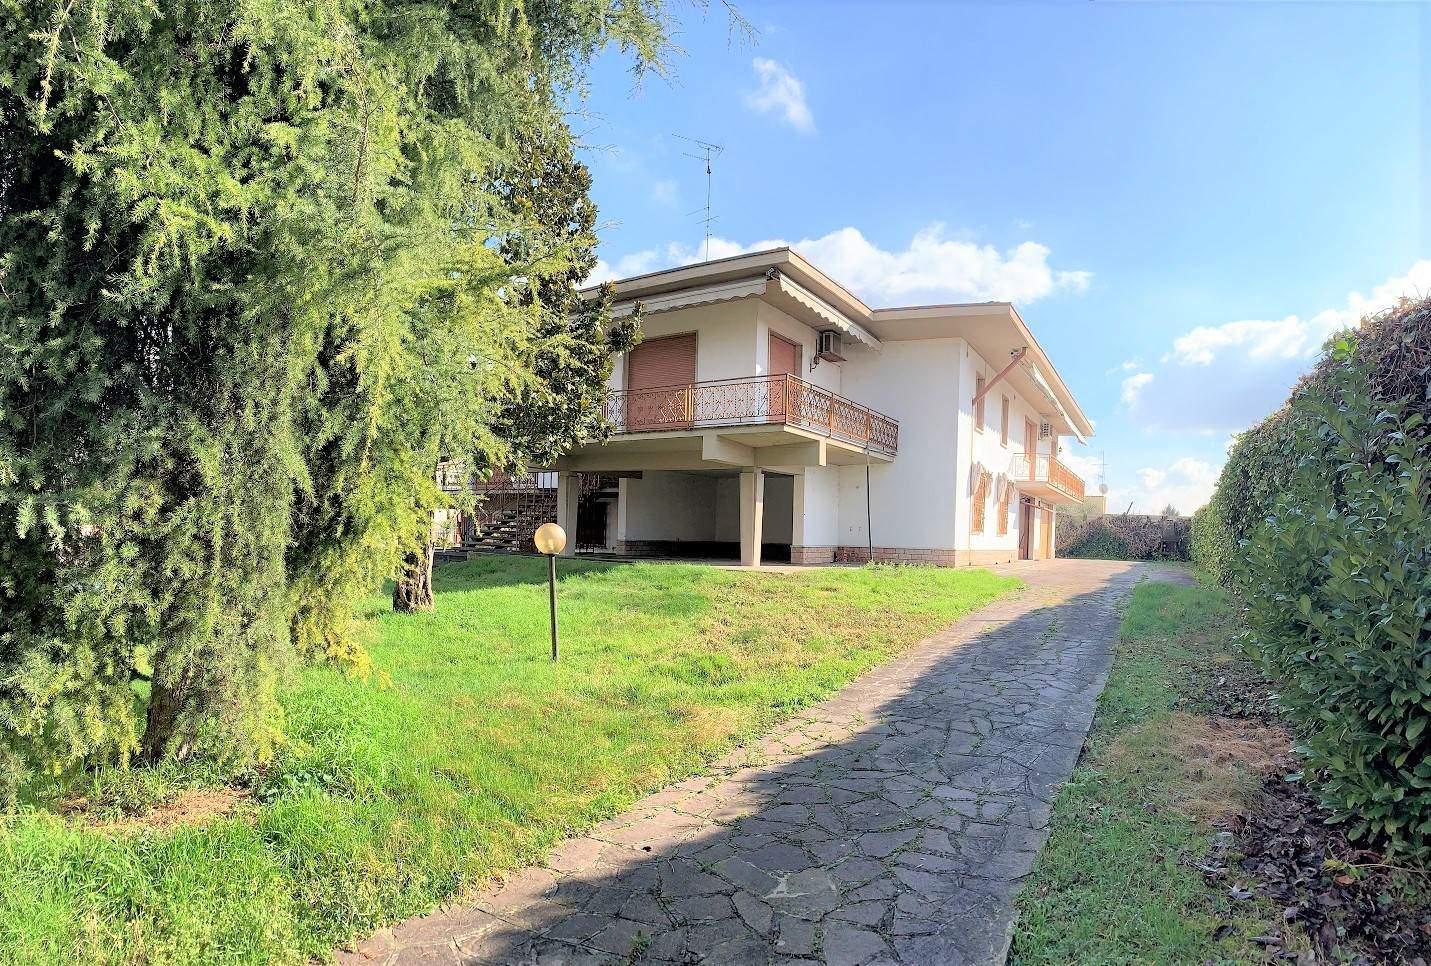 Villa in vendita a Villimpenta, 12 locali, prezzo € 210.000   PortaleAgenzieImmobiliari.it